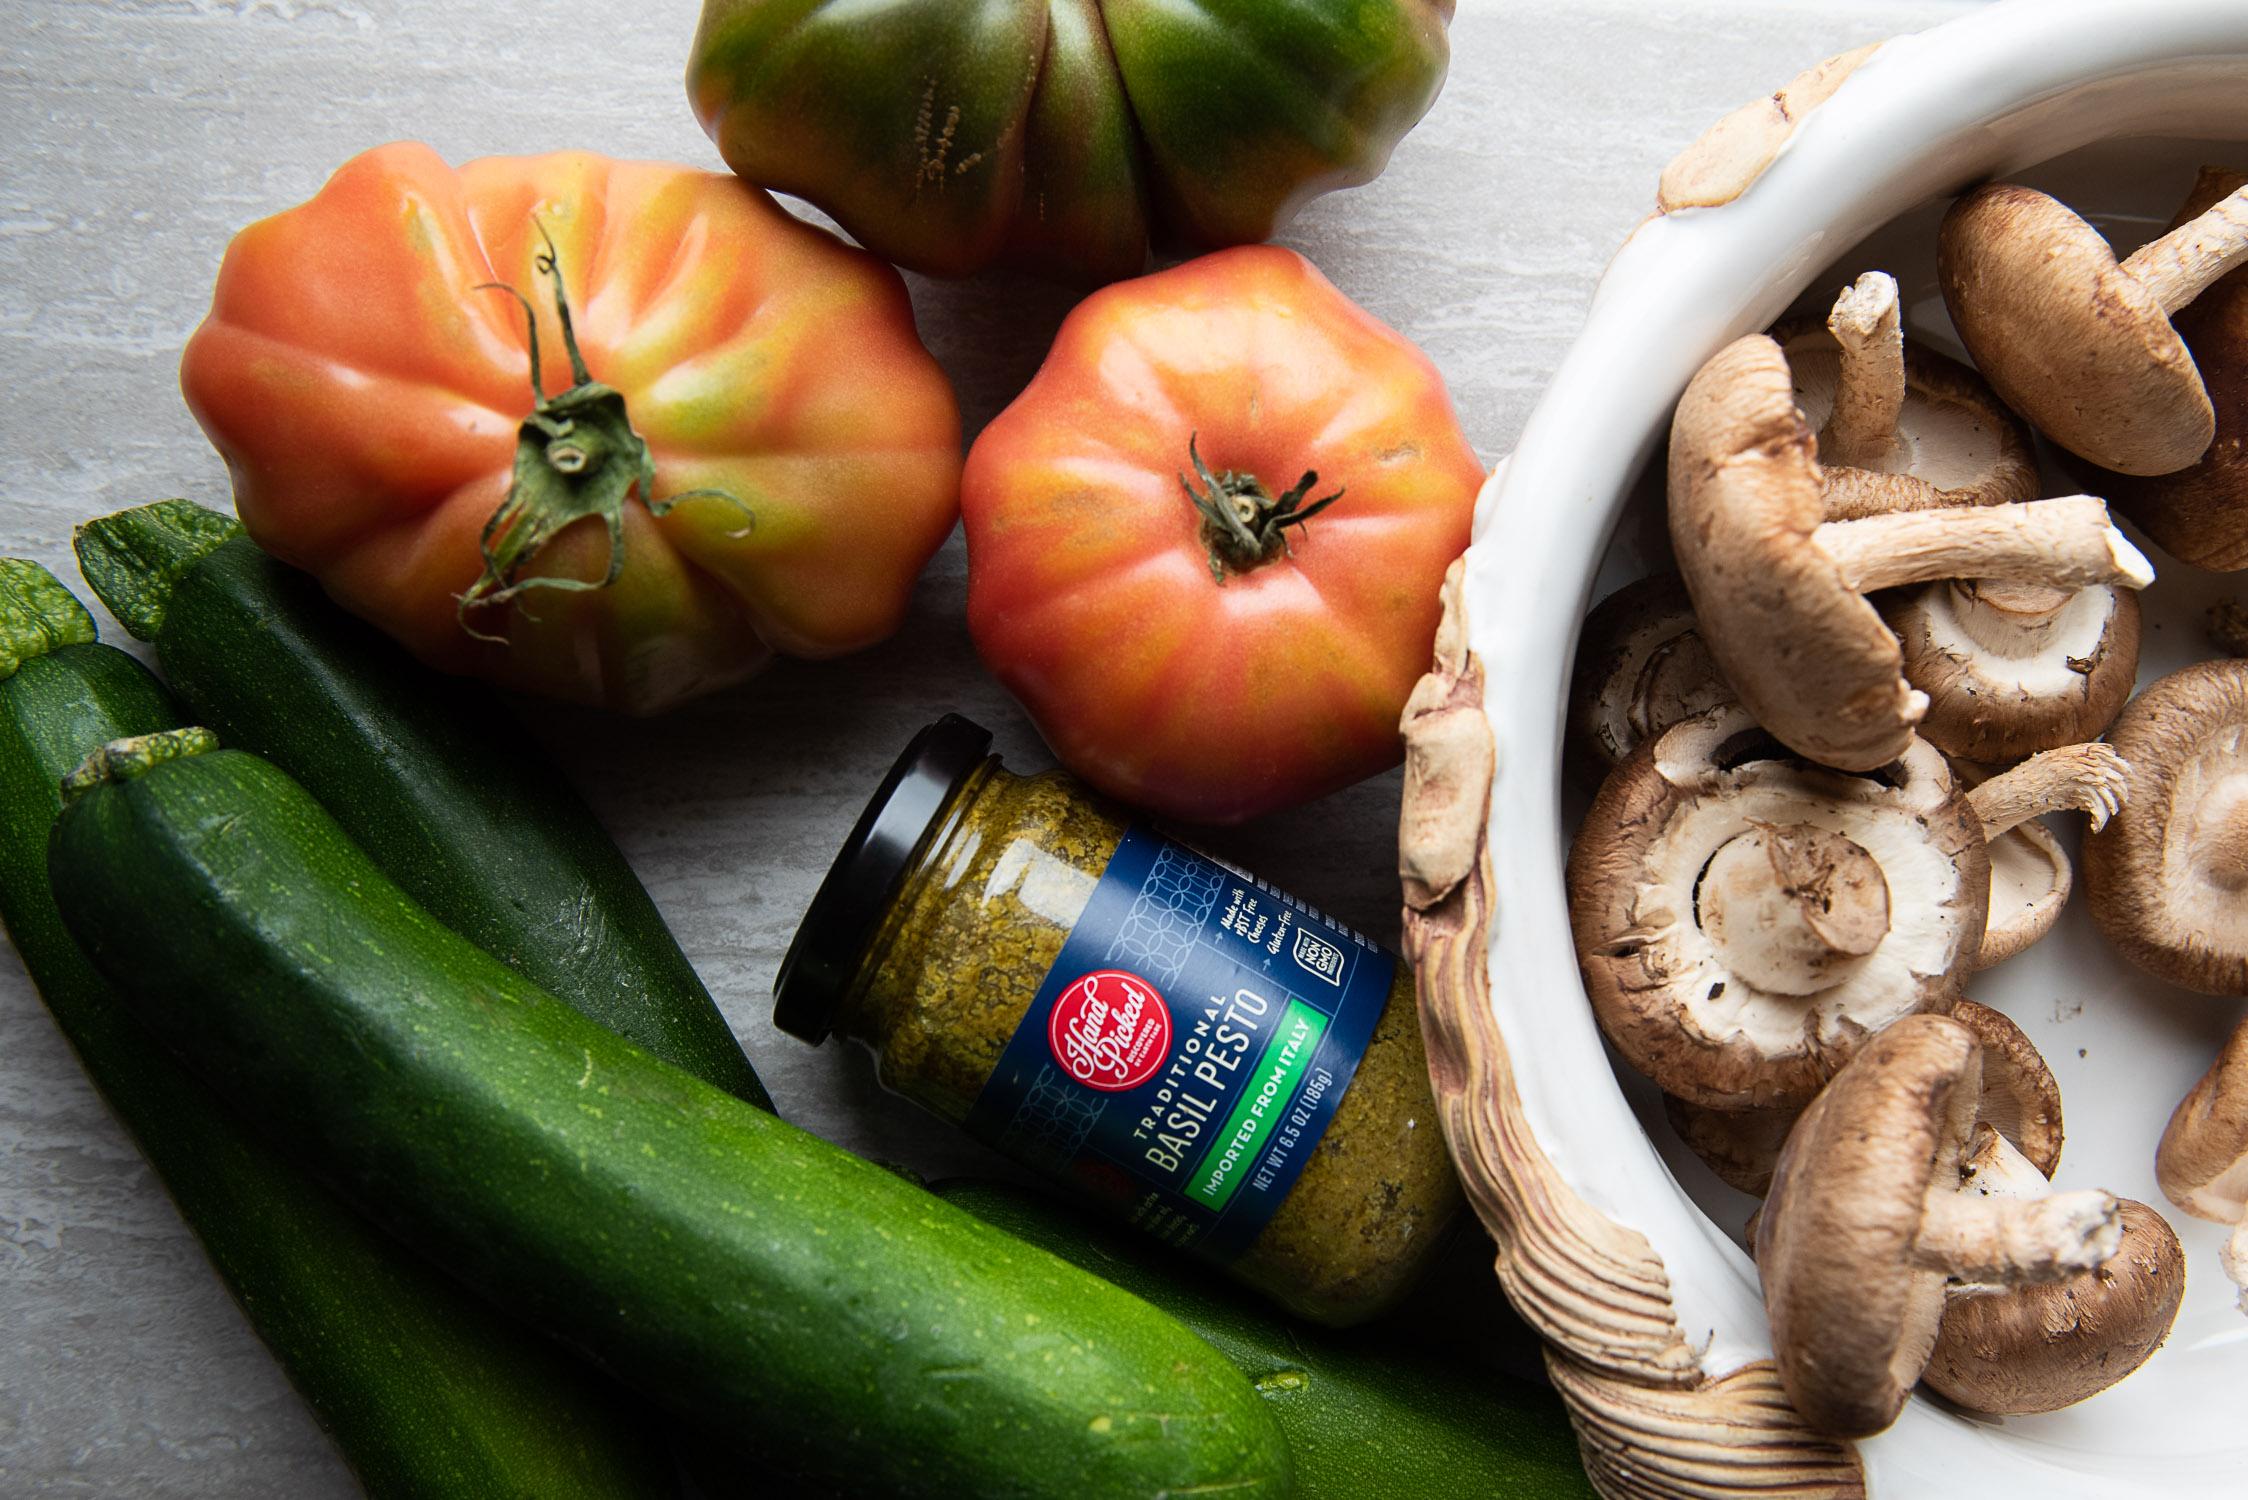 Zero waste recipe for zucchini noodles